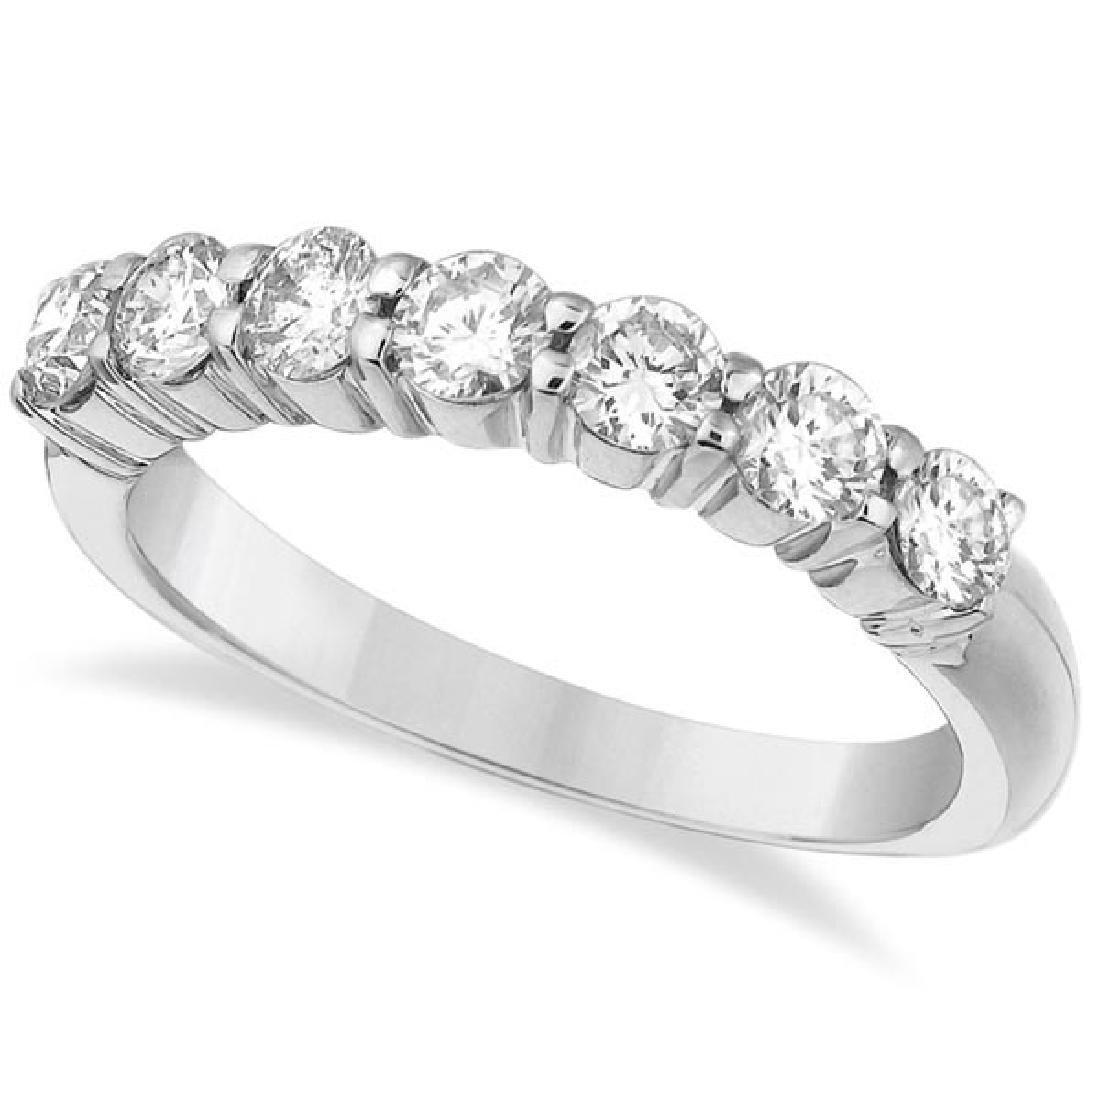 Seven-Stone Diamond Anniversary Ring Band 14k White Gol